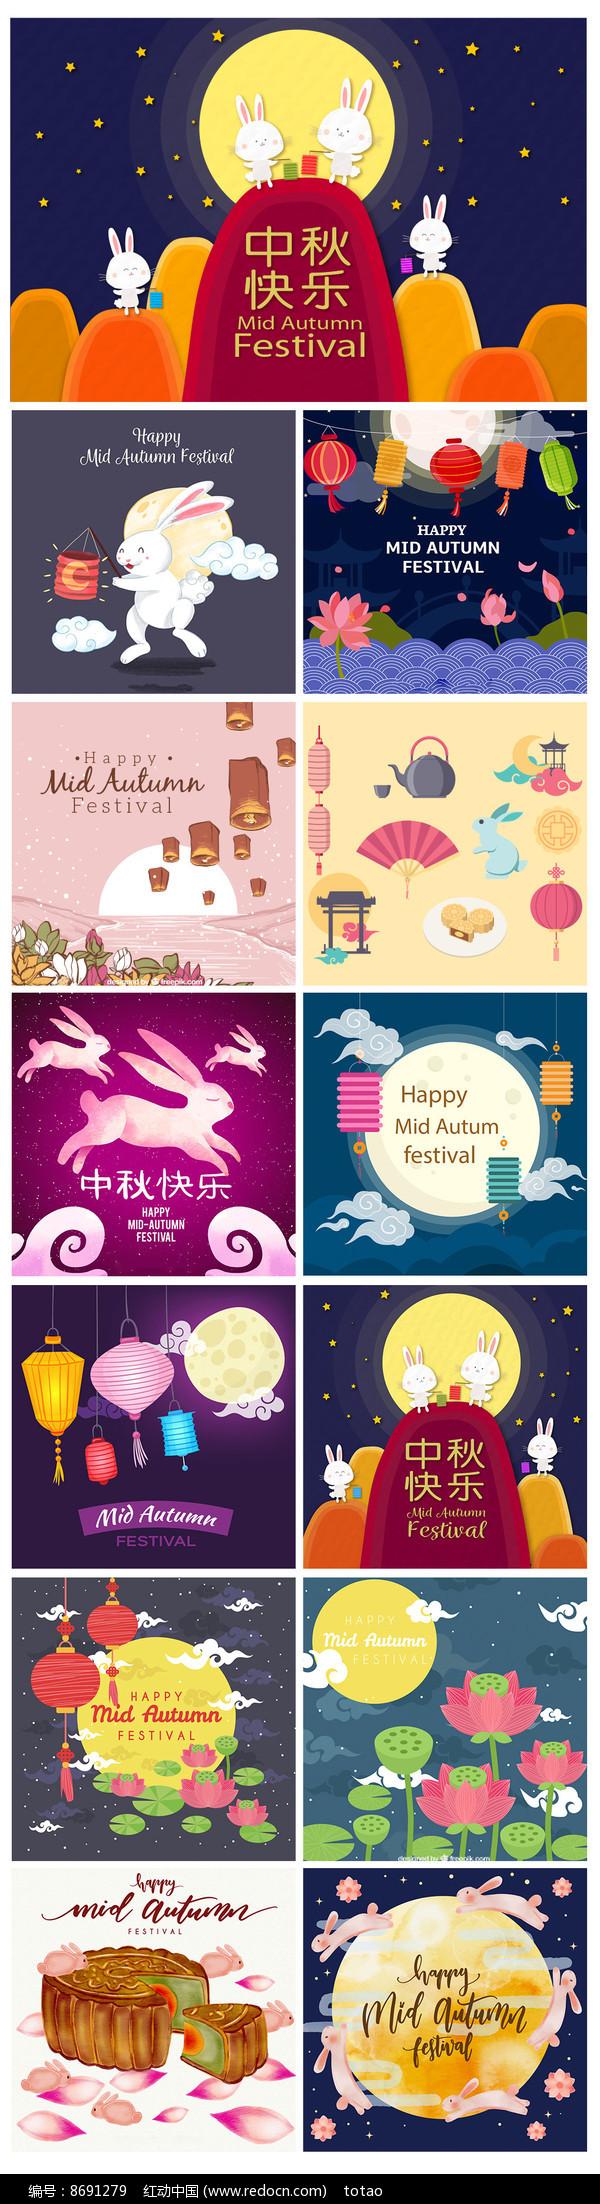 中秋节手绘插画元素素材图片